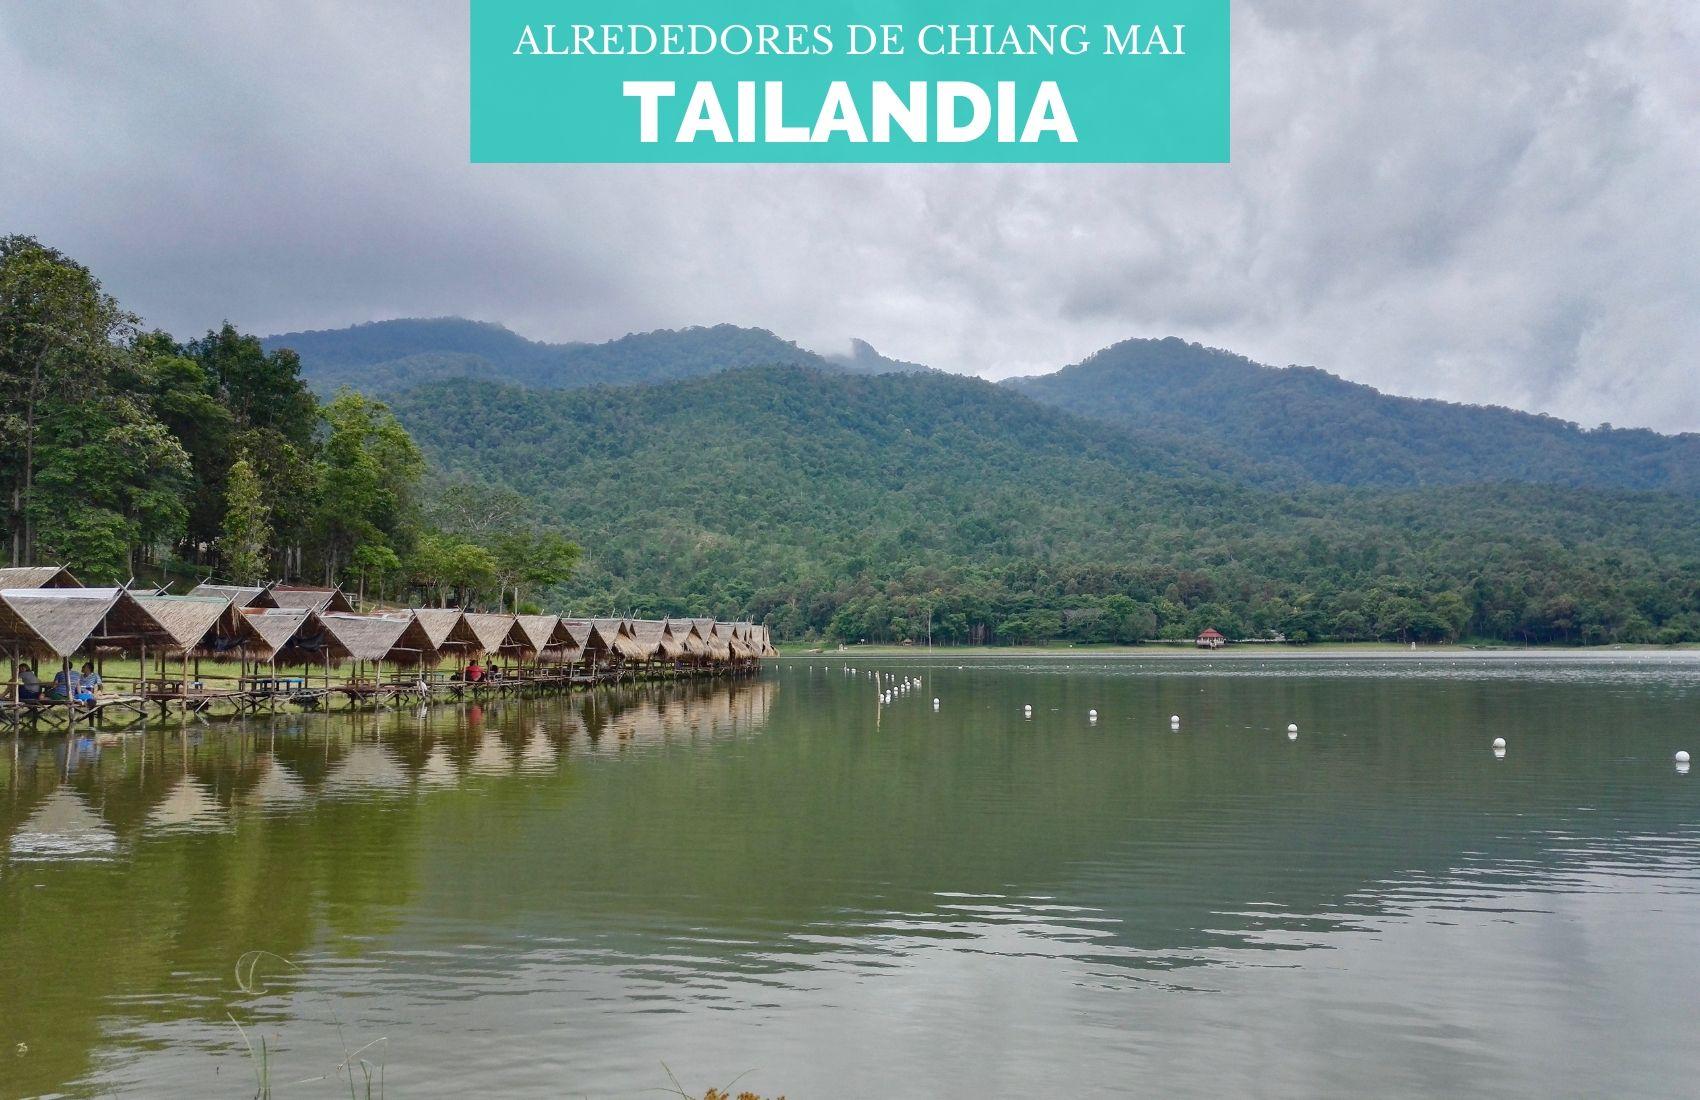 Portada-tailandia-alrededores-chiang-mai